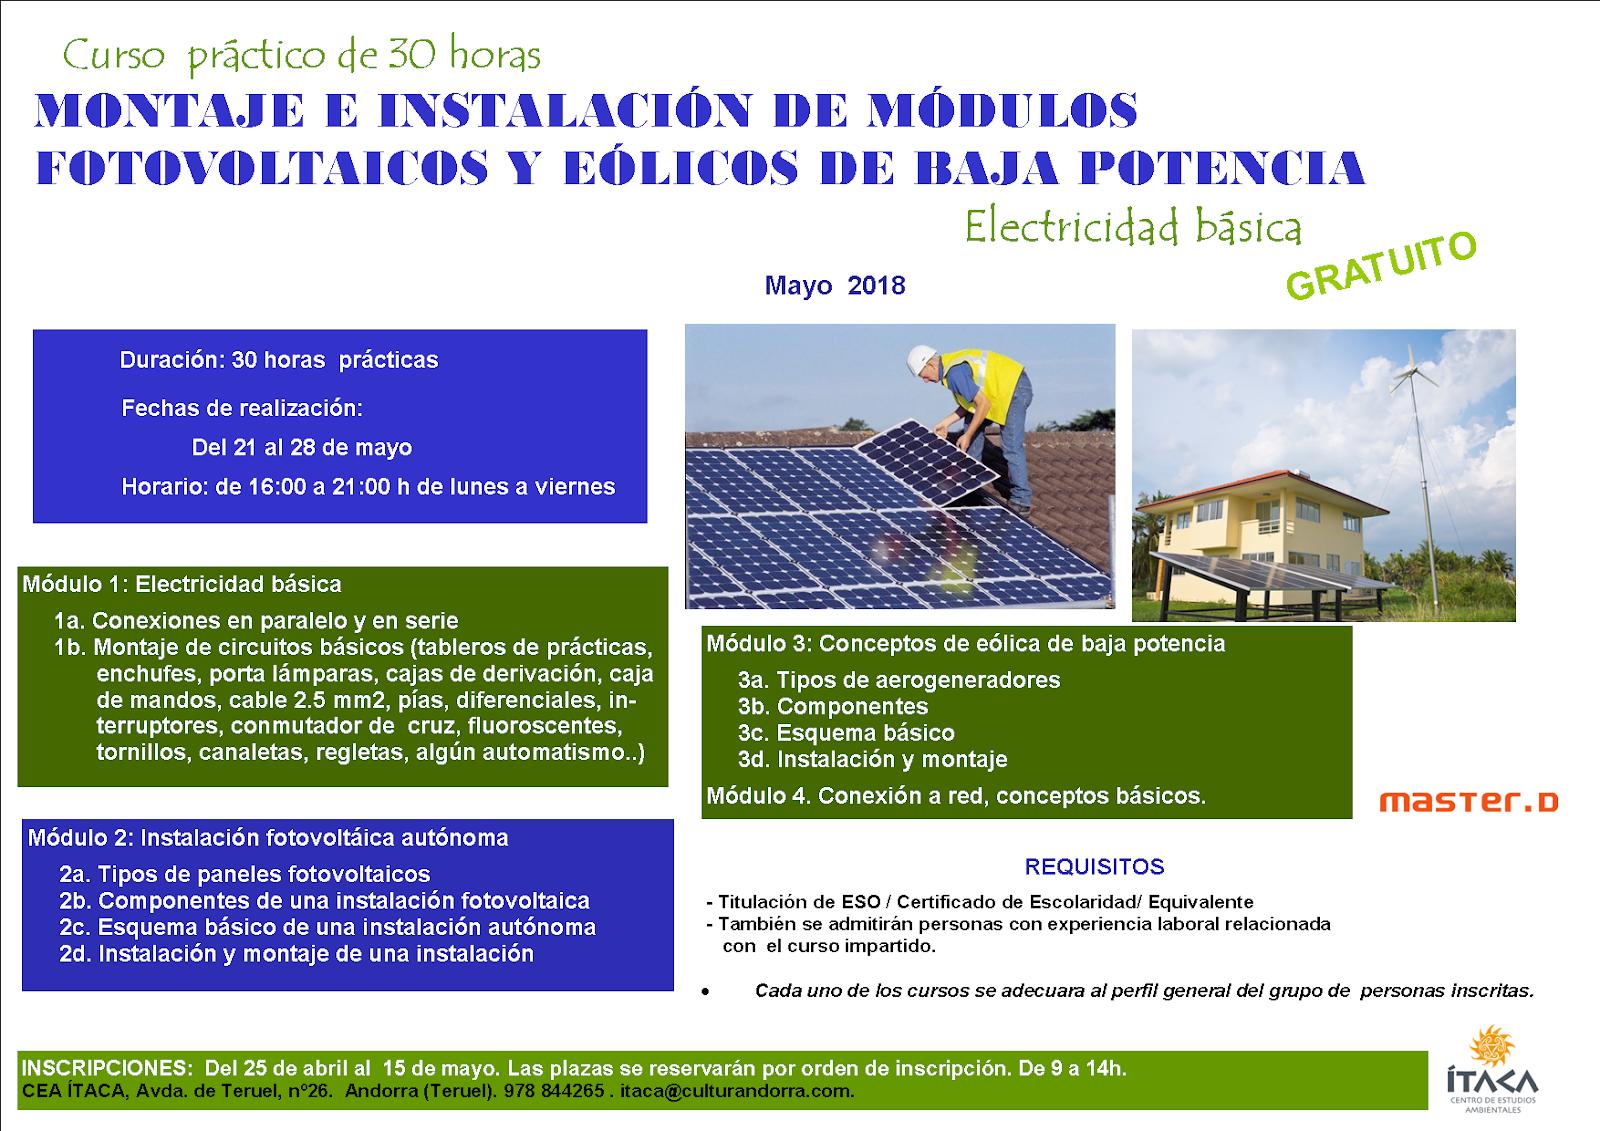 Módulos fotovoltaicos y eólicos